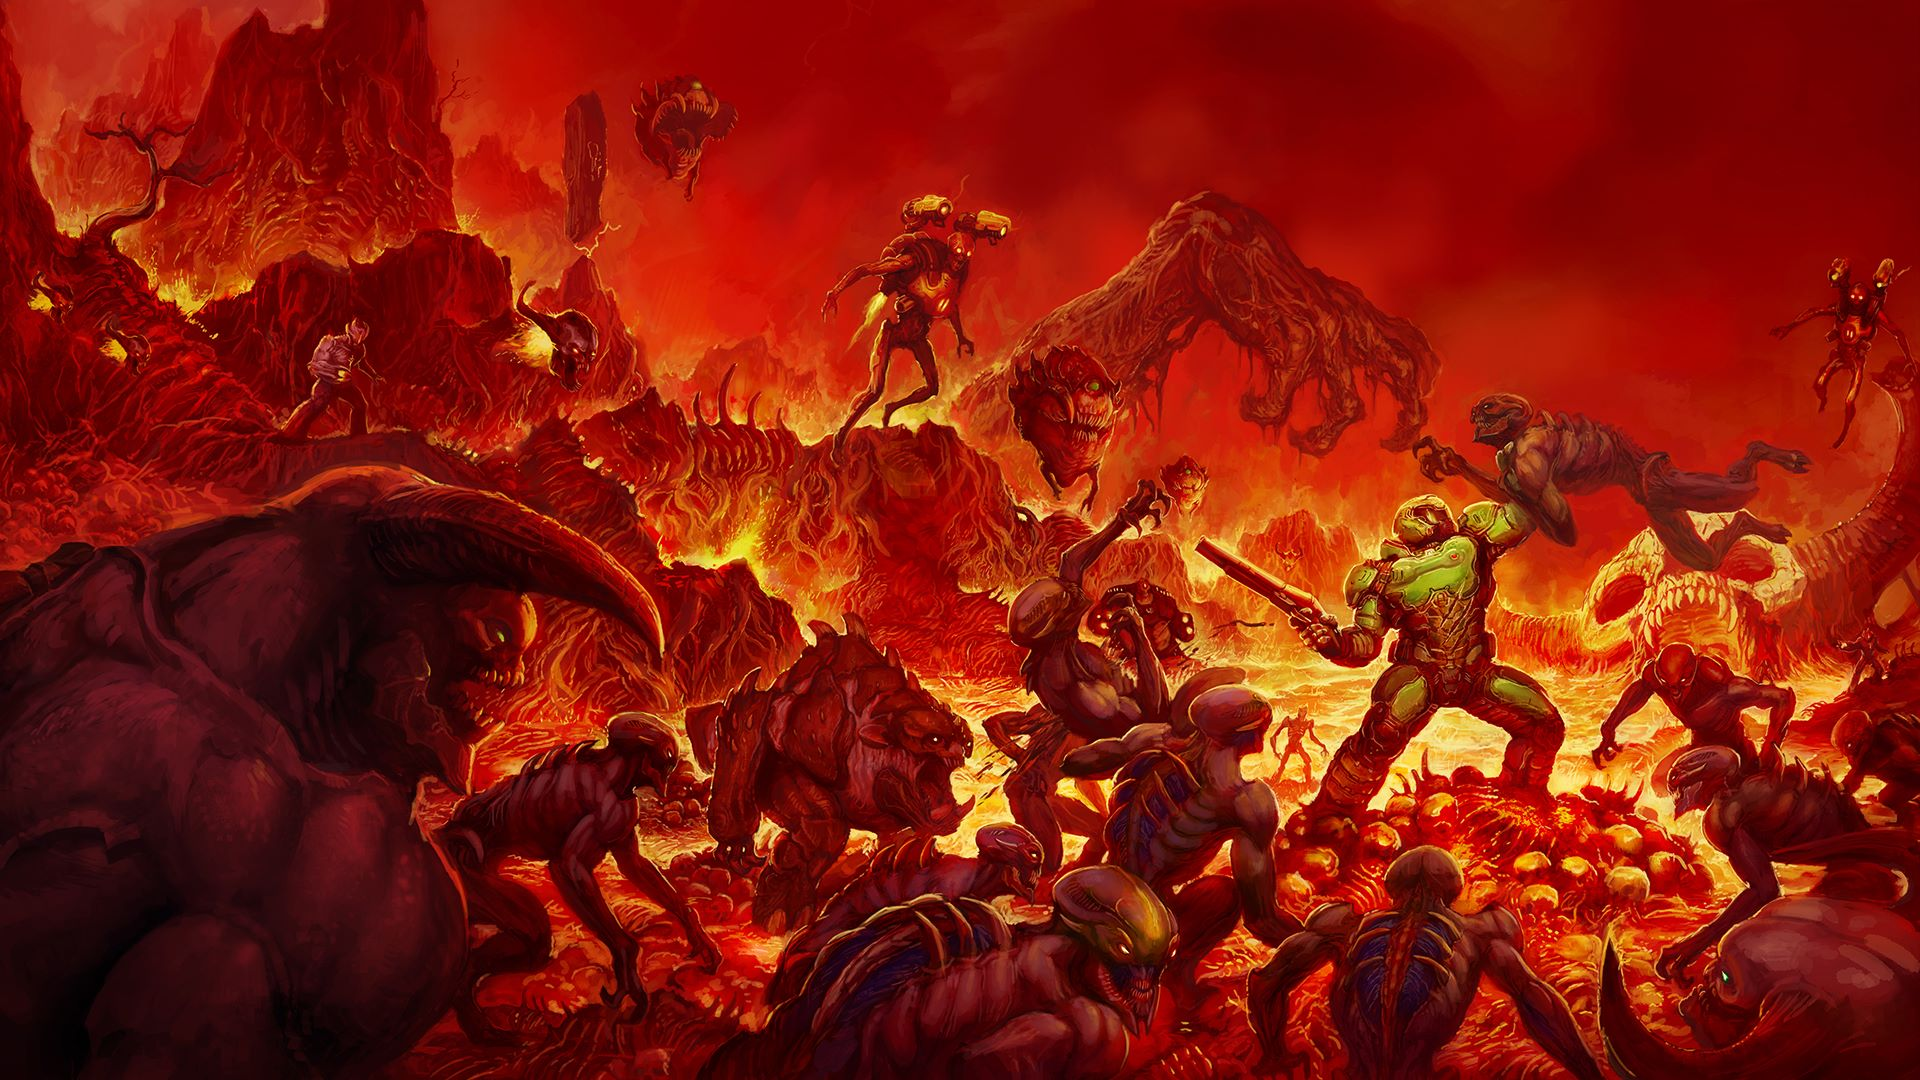 Filmowy Doom opóźniony. Twórcy chcą dopracować efekty specjalne